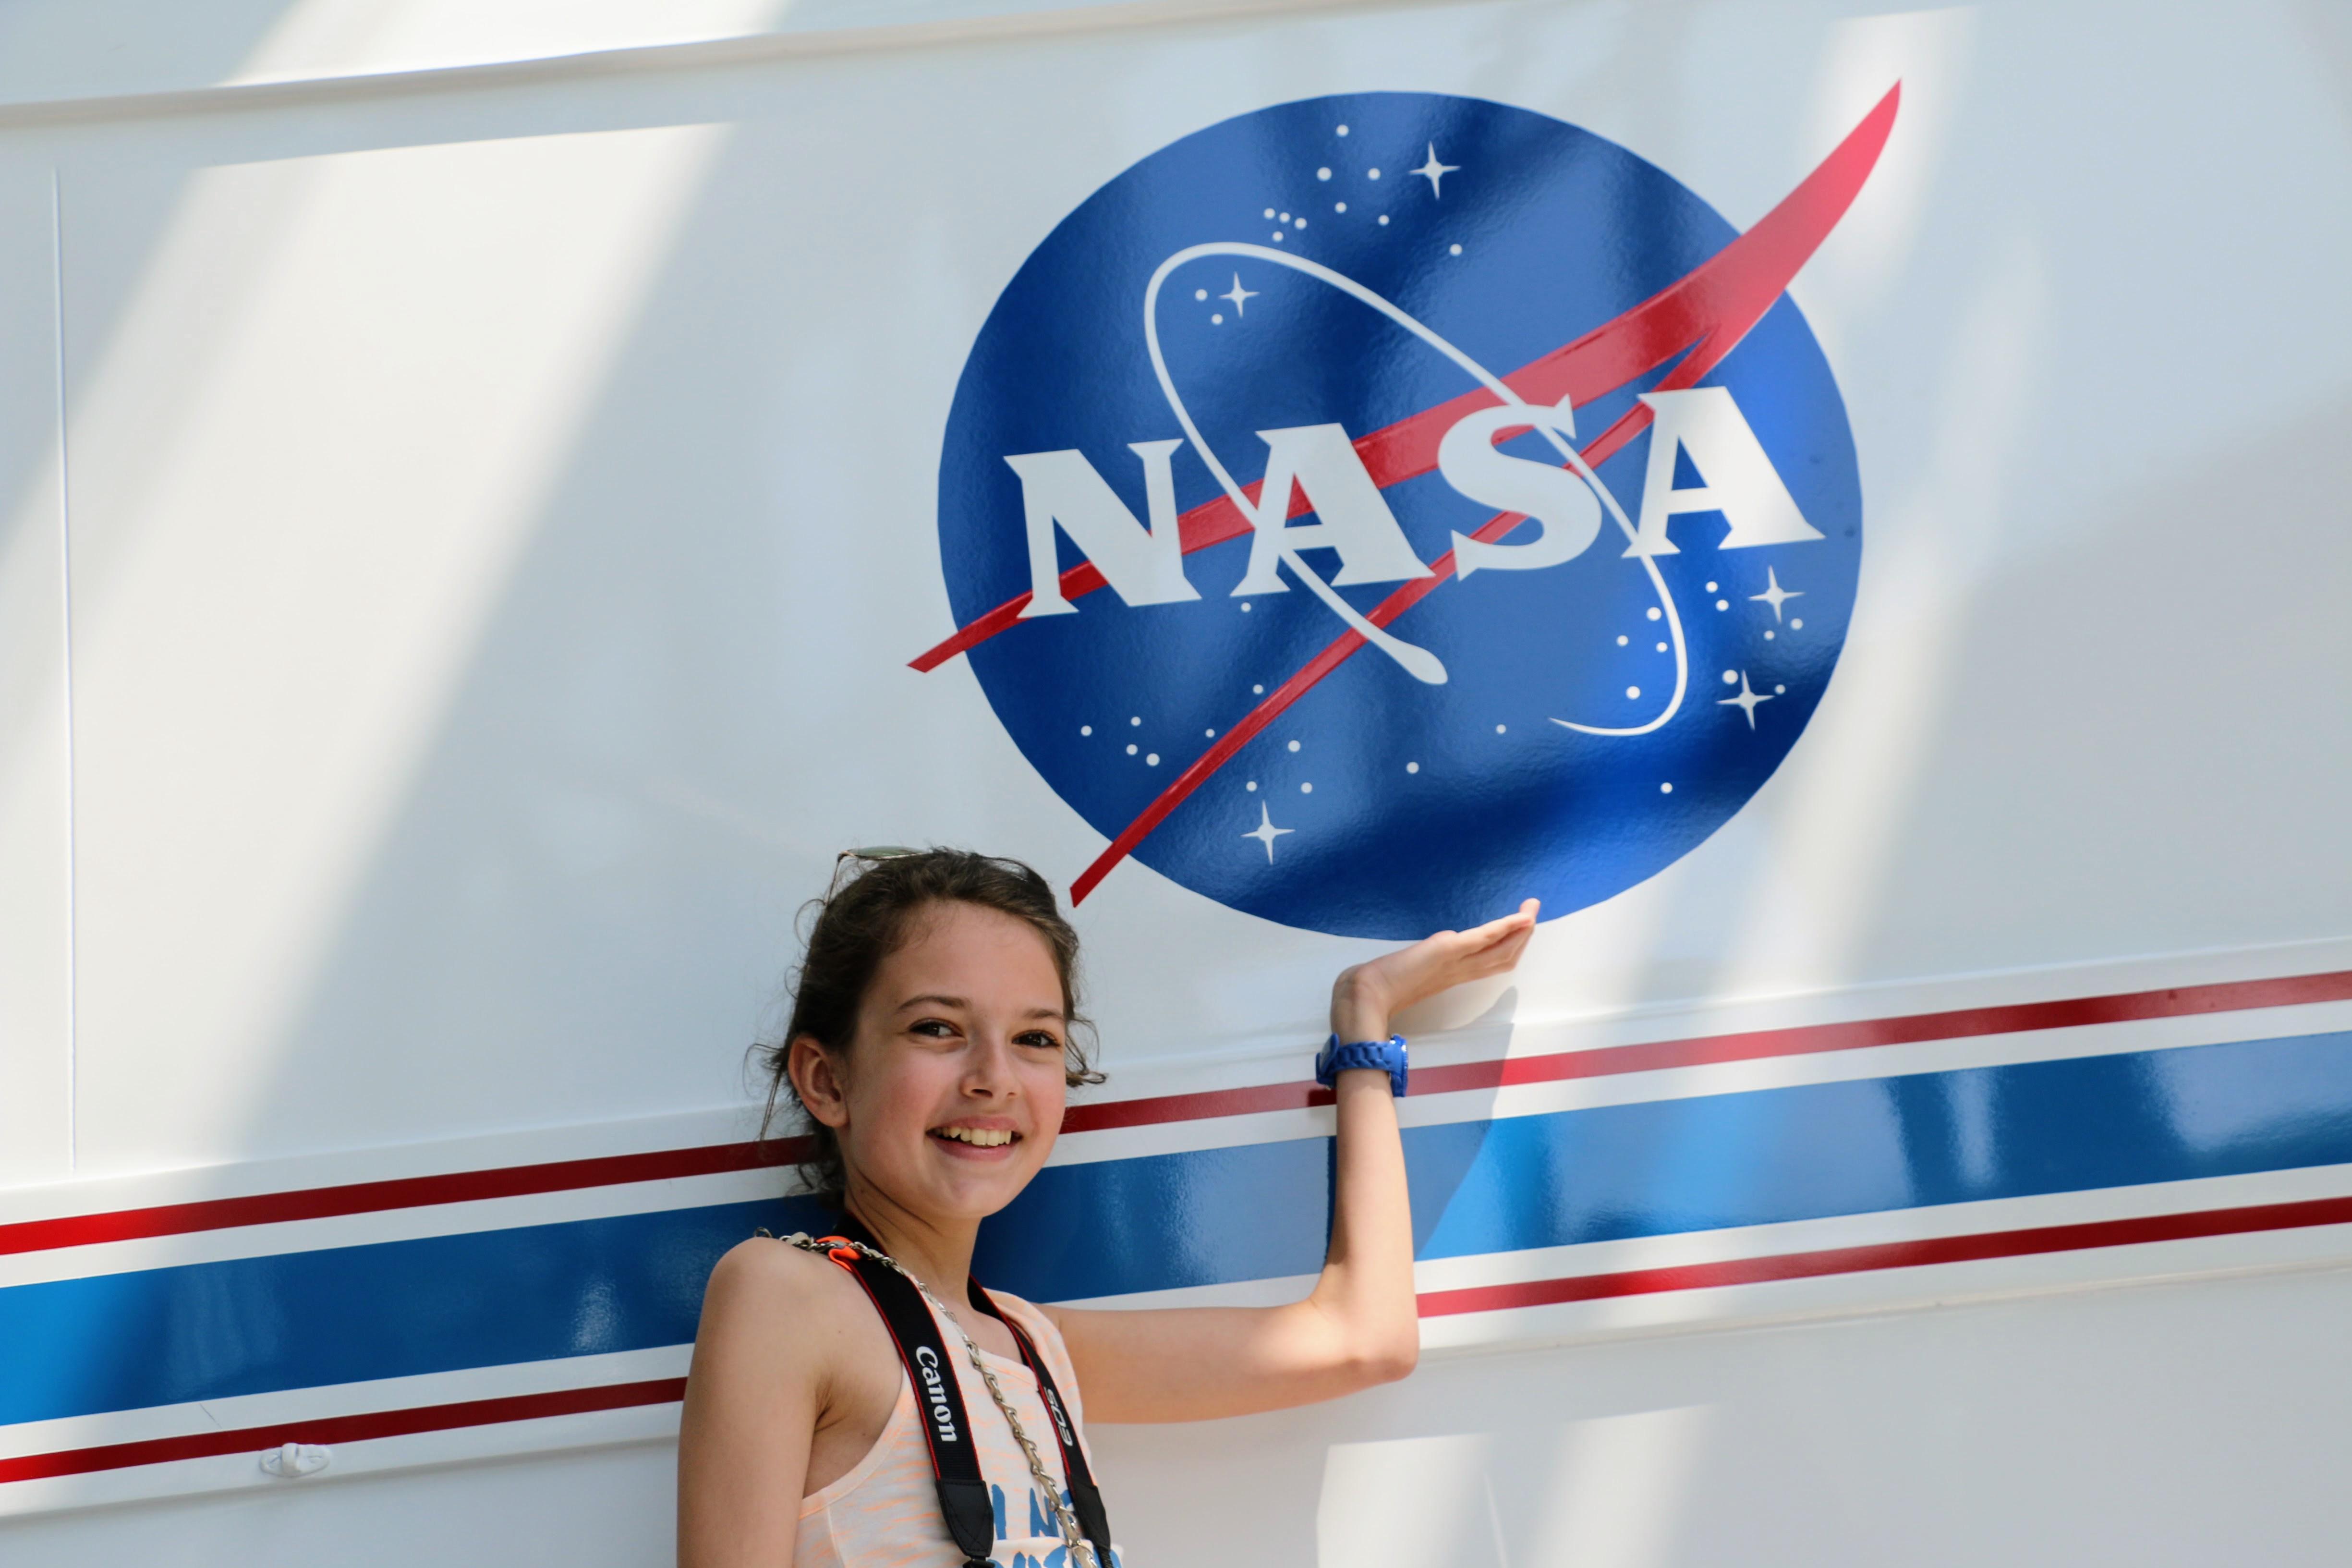 De NASA bezoeken met kinderen